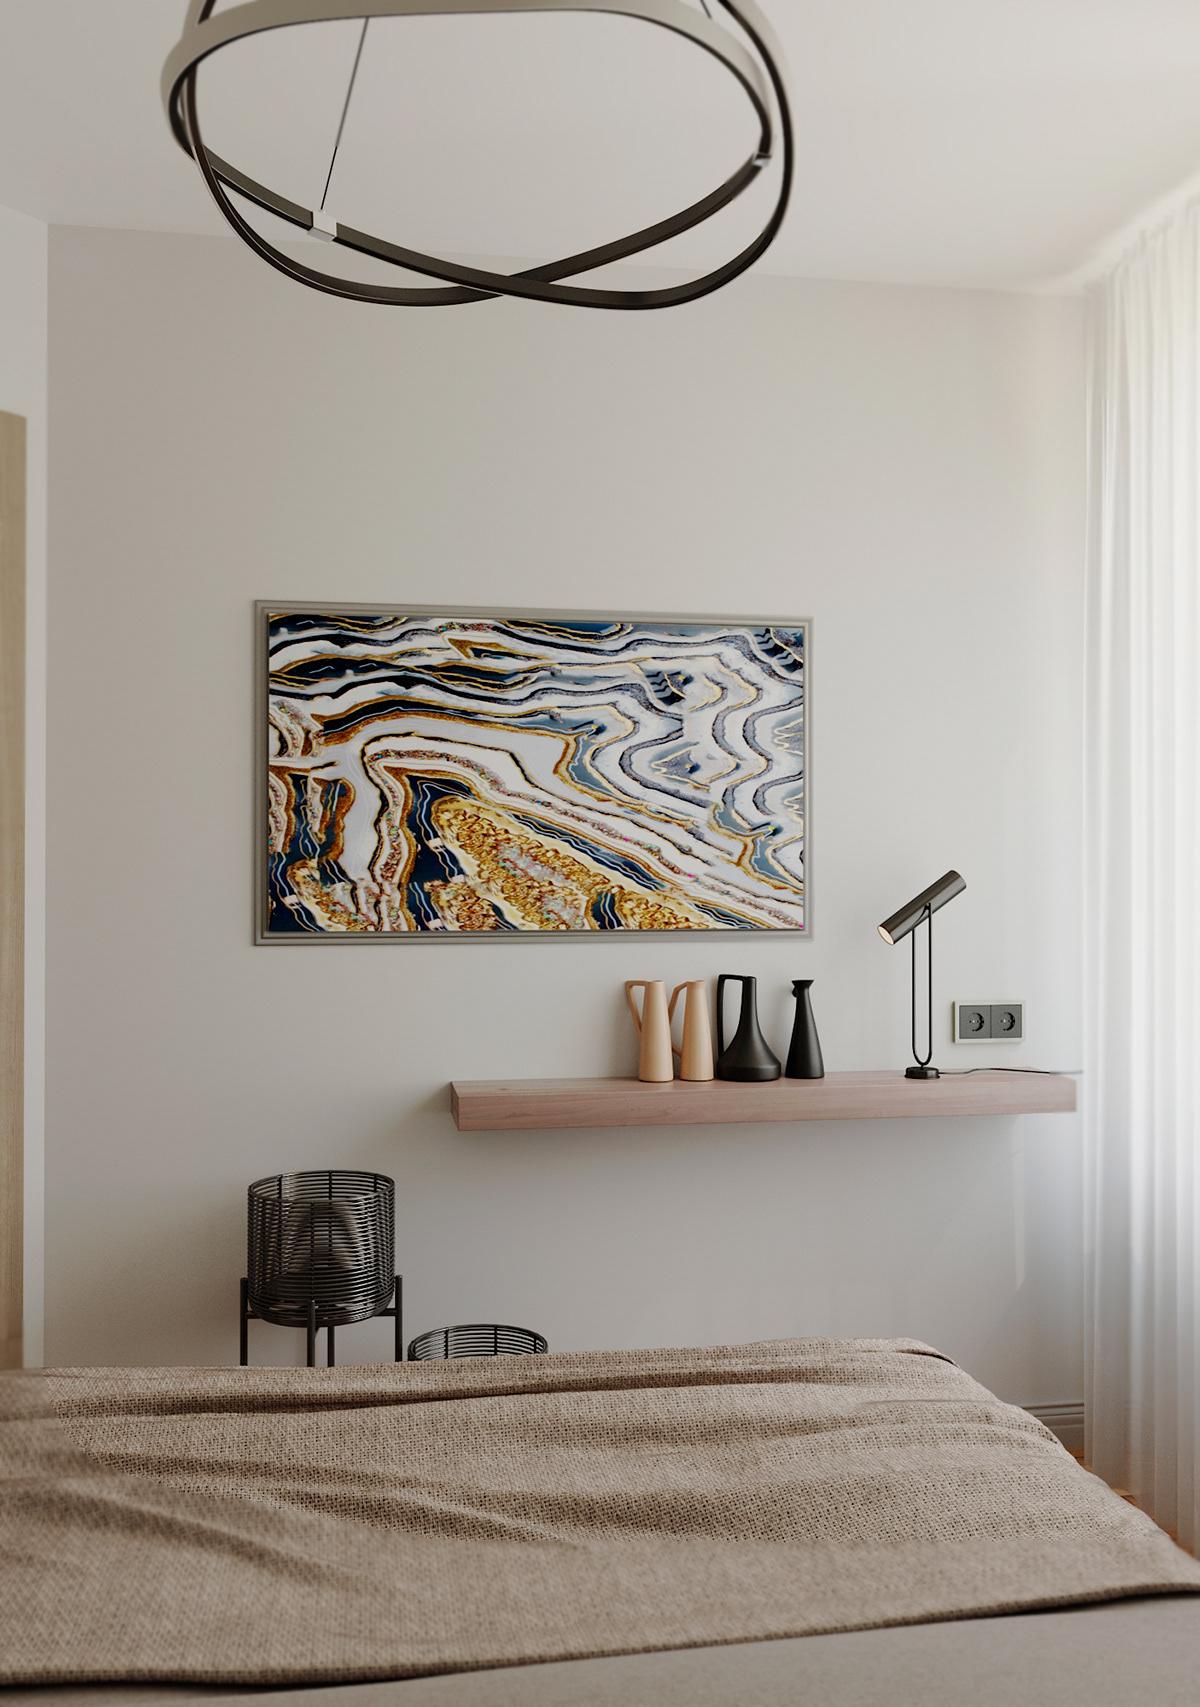 Визуализация спальни дизайн интерьера дизайн спальни маленькая спальня светлые  тона современная спальня